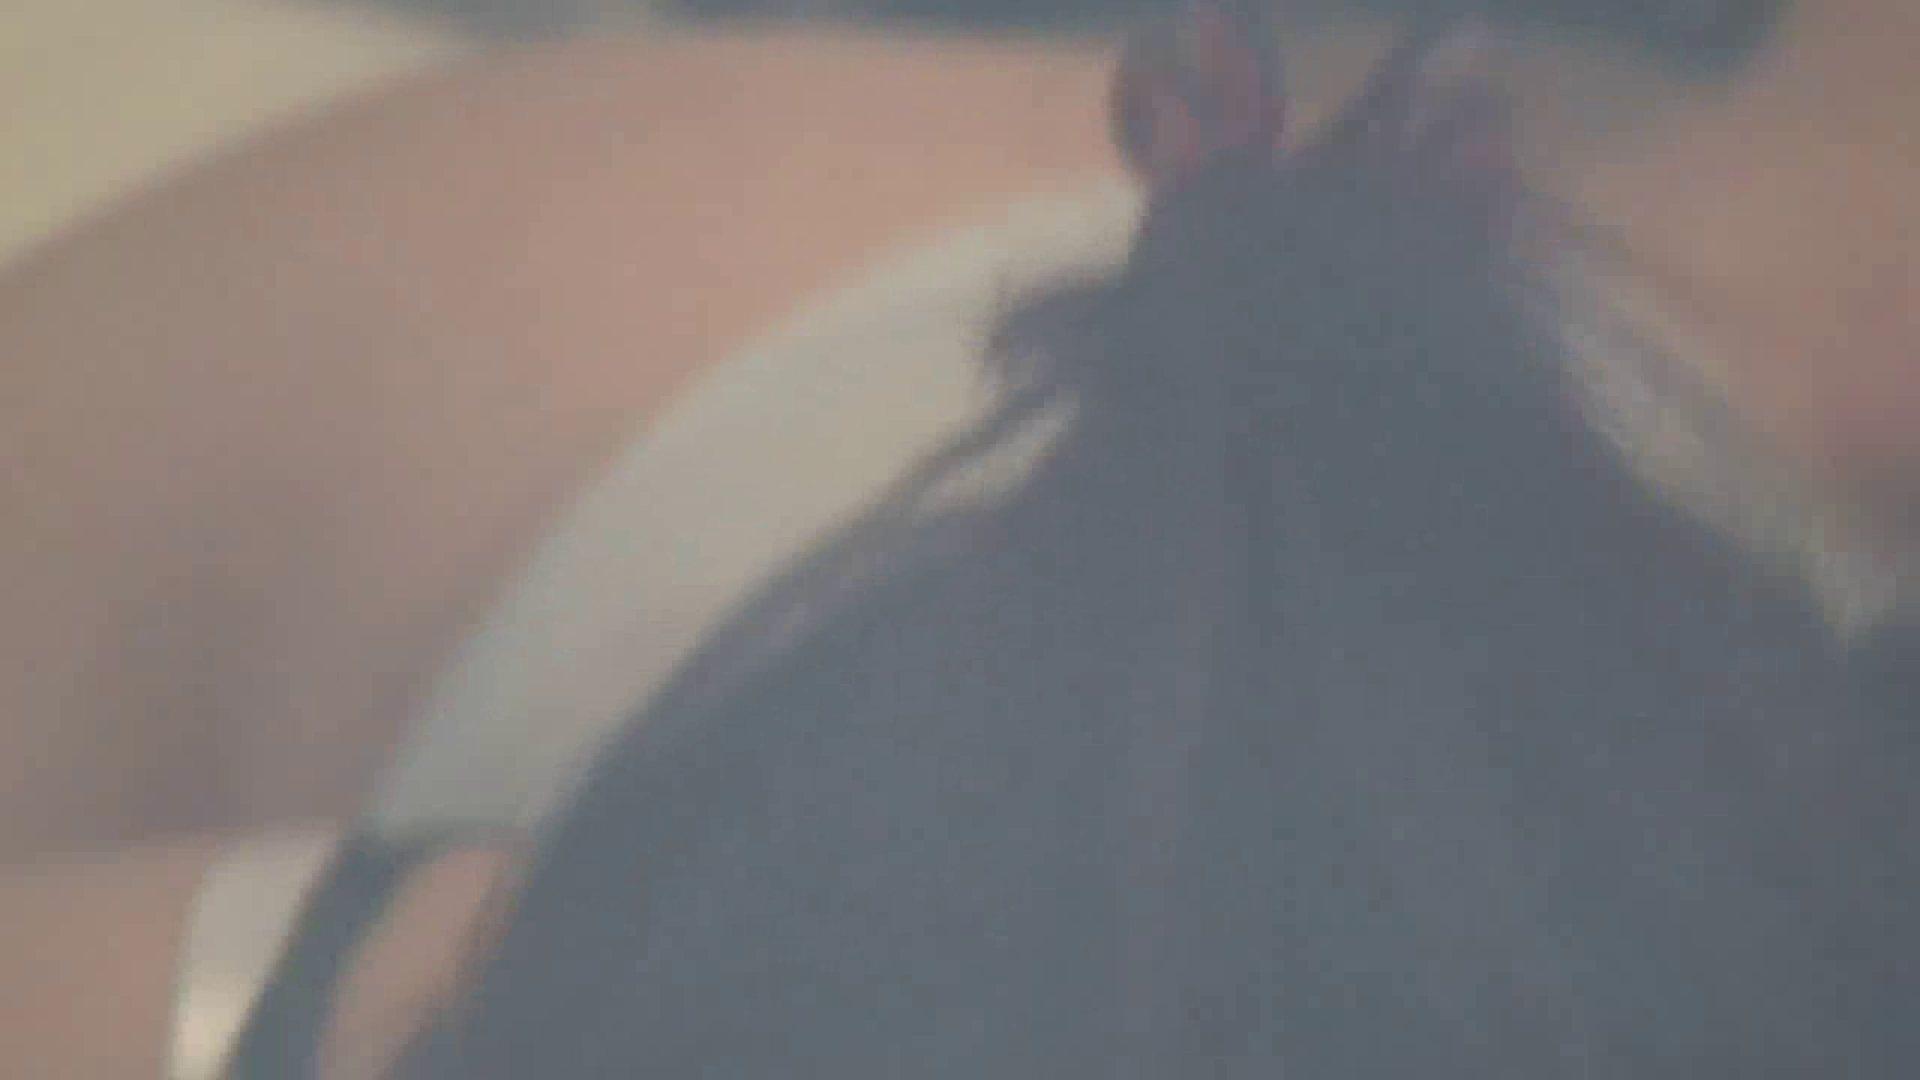 老舗ペンション2代目オーナーが流出したお宝映像Vol.4 OLエロ画像 覗きスケベ動画紹介 30PICs 26